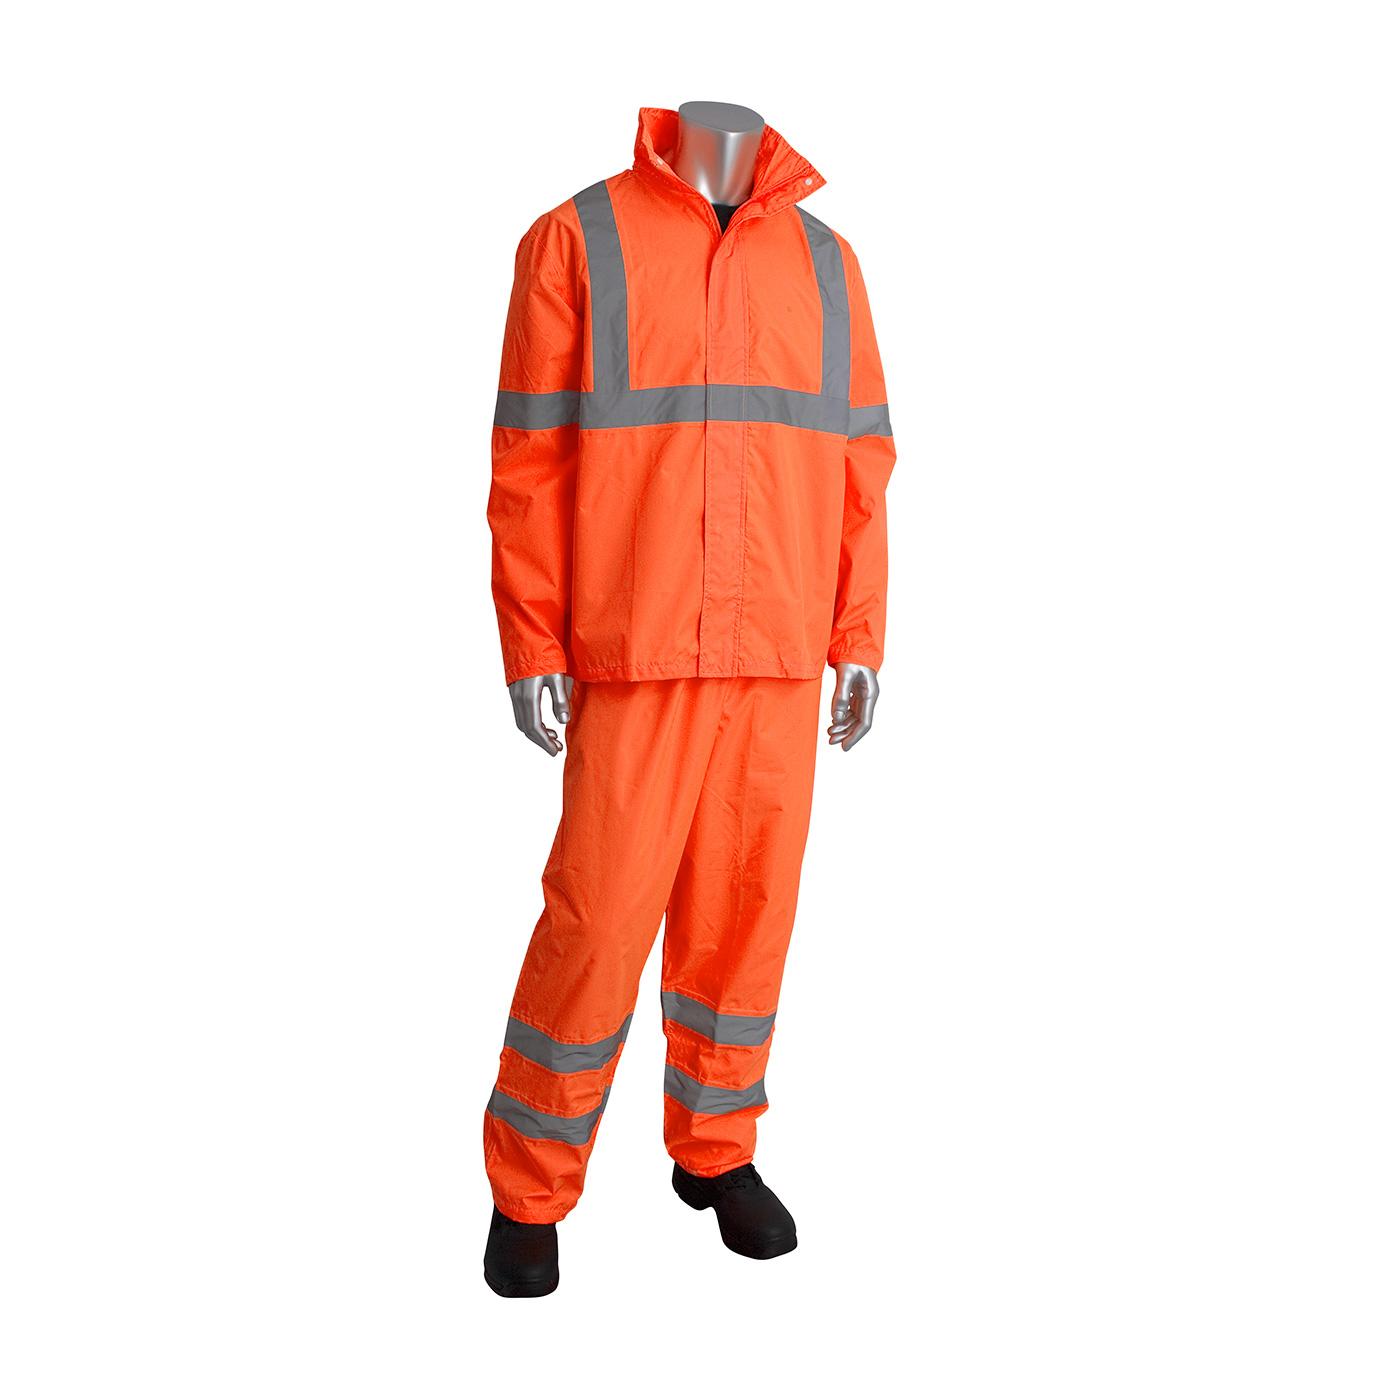 ANSI Type R Class 3 Two-Piece Value Rainsuit Set, Hi-Vis Orange, S-M